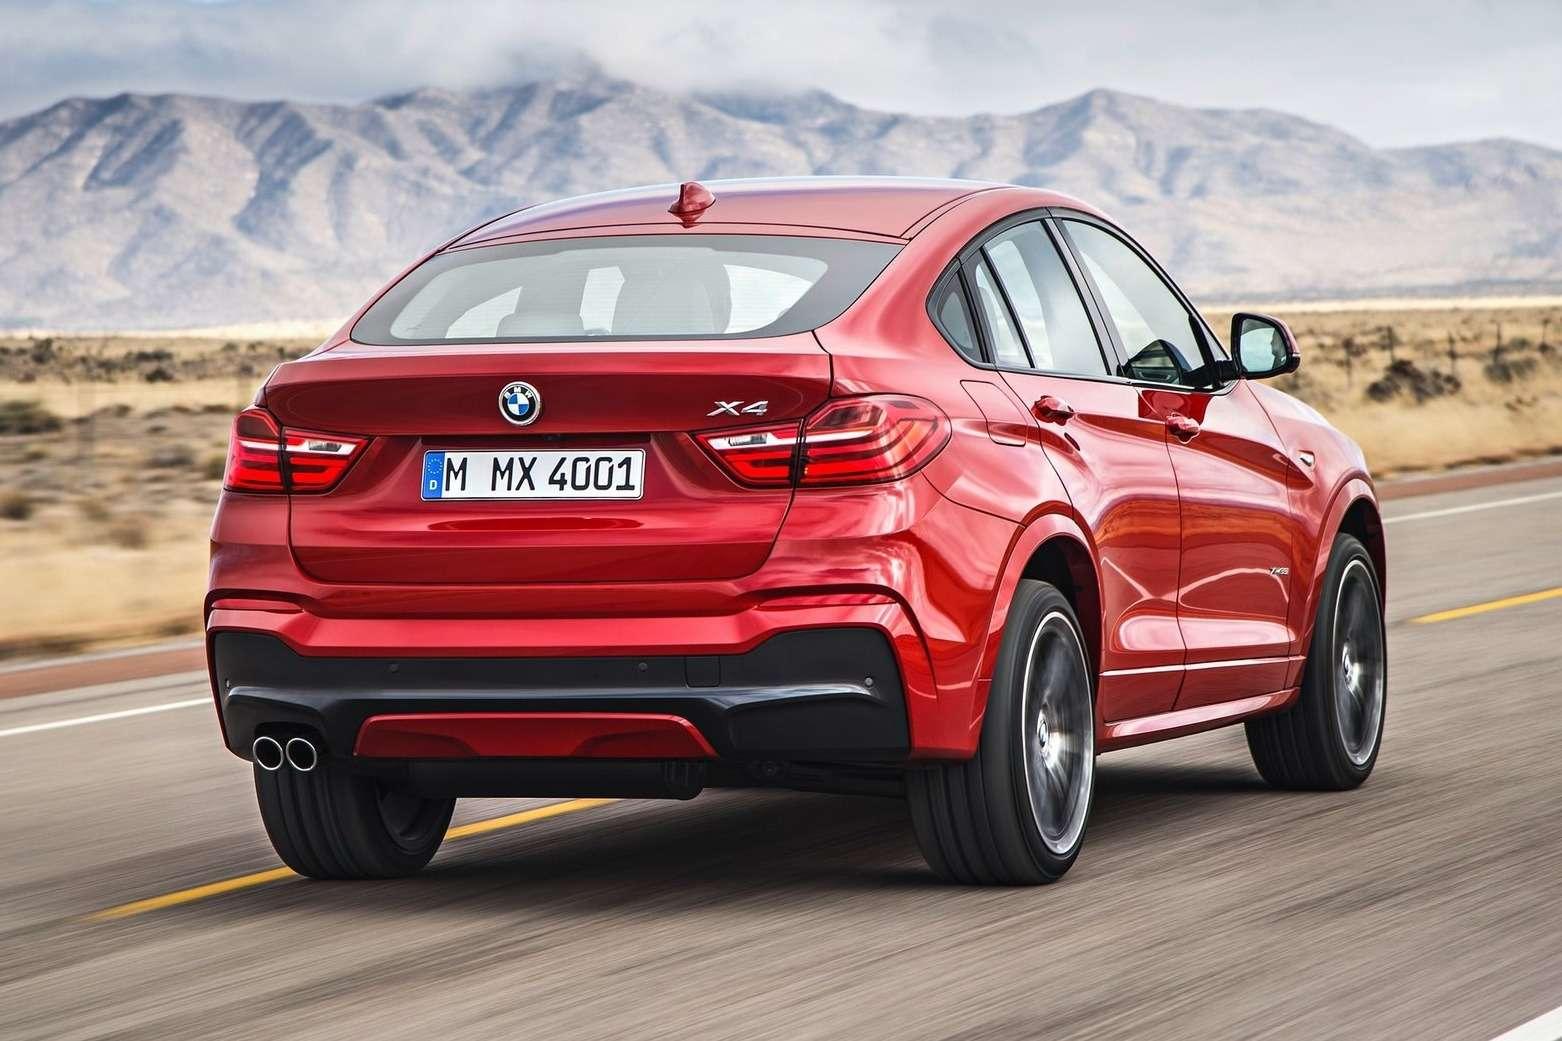 BMW-X4_2015_1600x1200_wallpaper_22